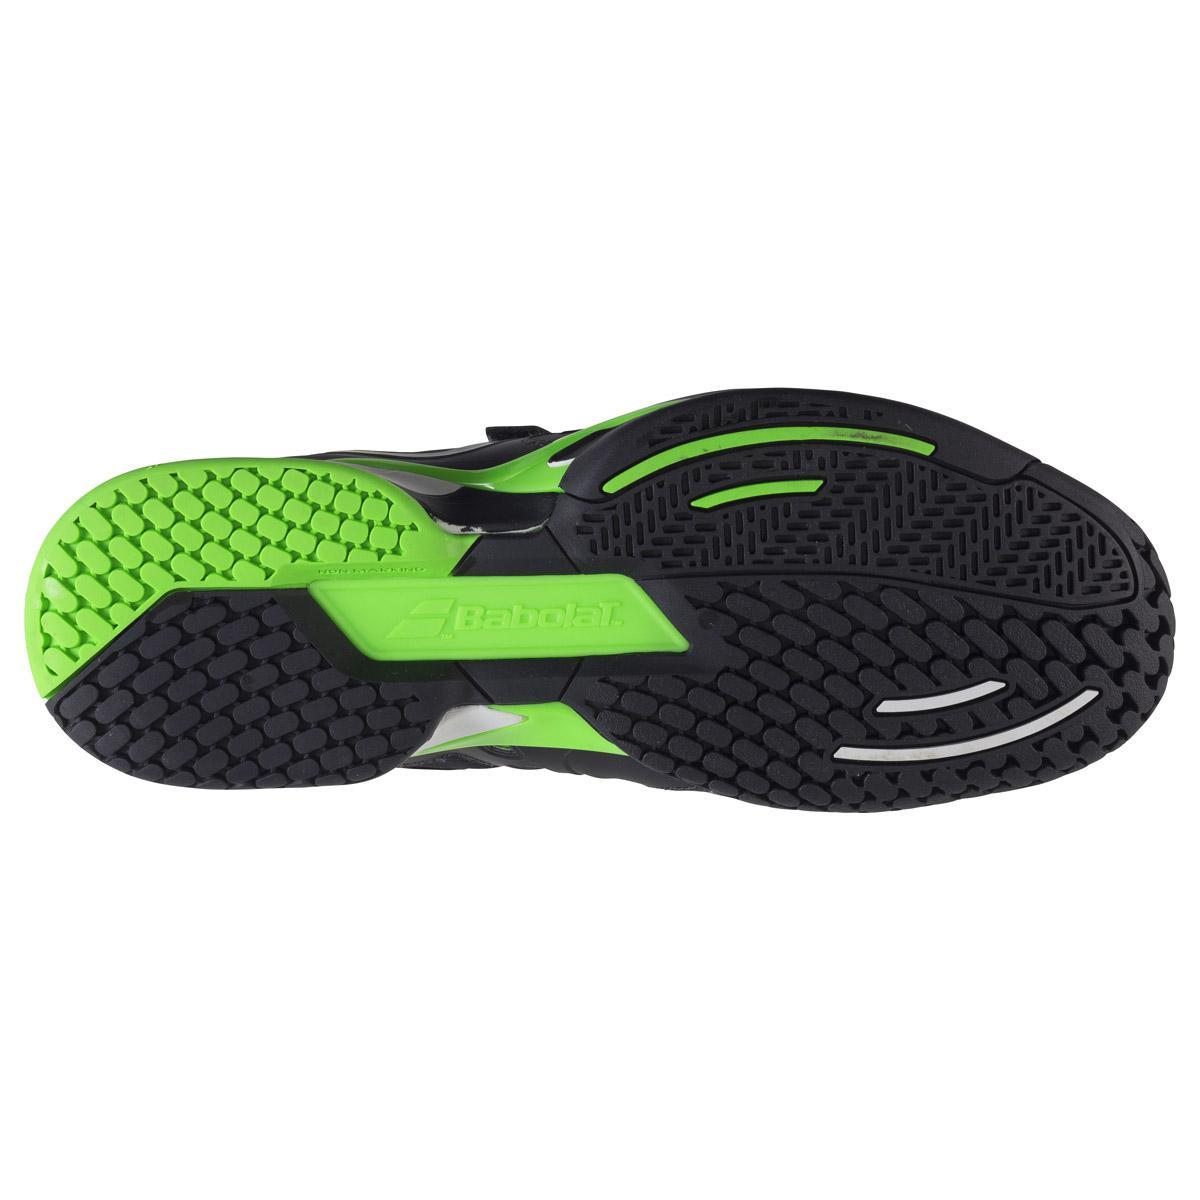 bab1eb94 ... Кроссовки теннисные мужские BABOLAT Propulse BPM AC wim black/green  (30S1576/166) ...